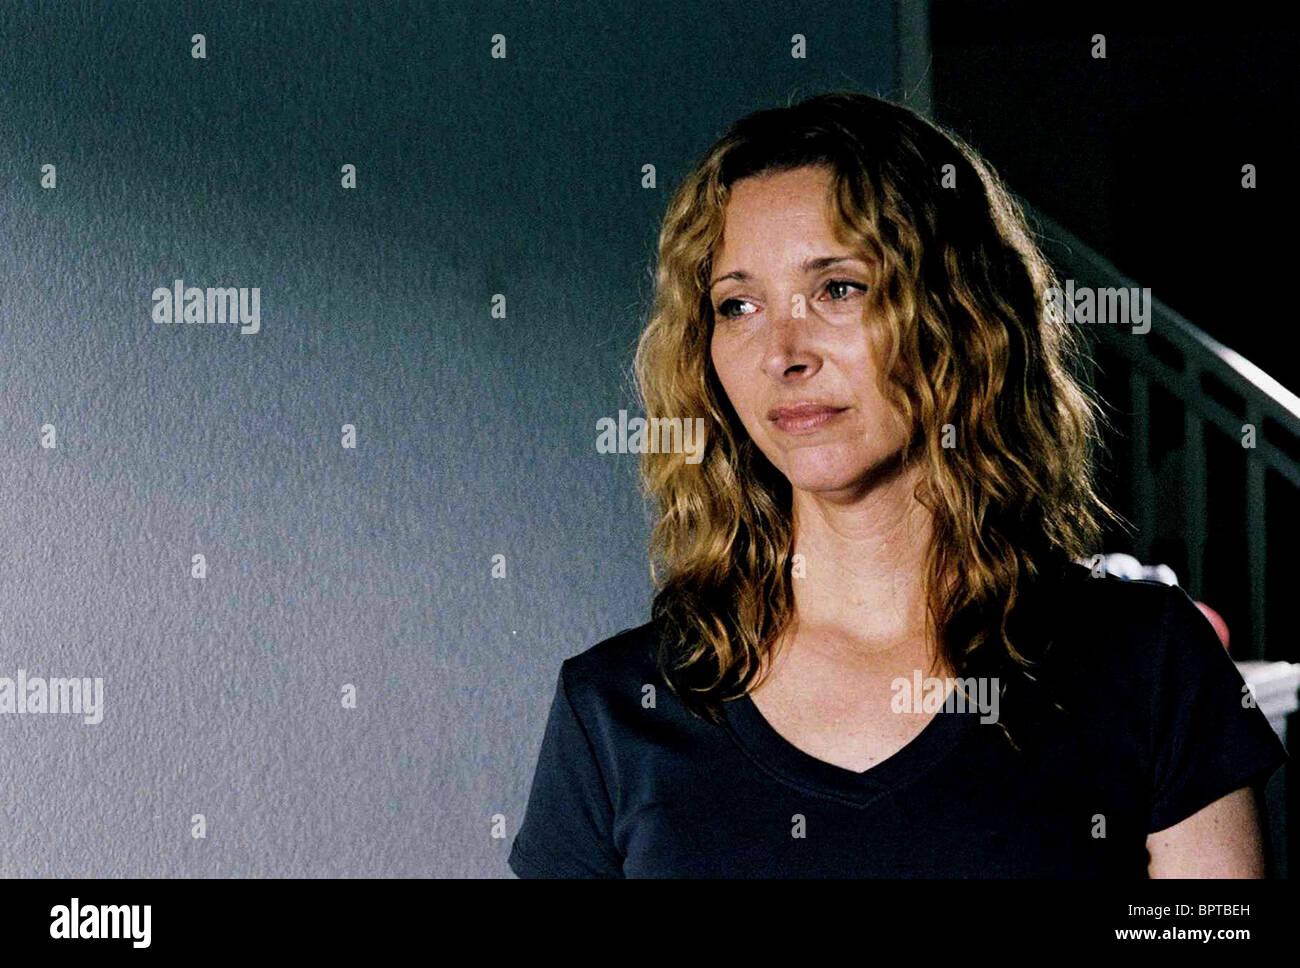 LISA KUDROW KABLUEY (2007) - Stock Image